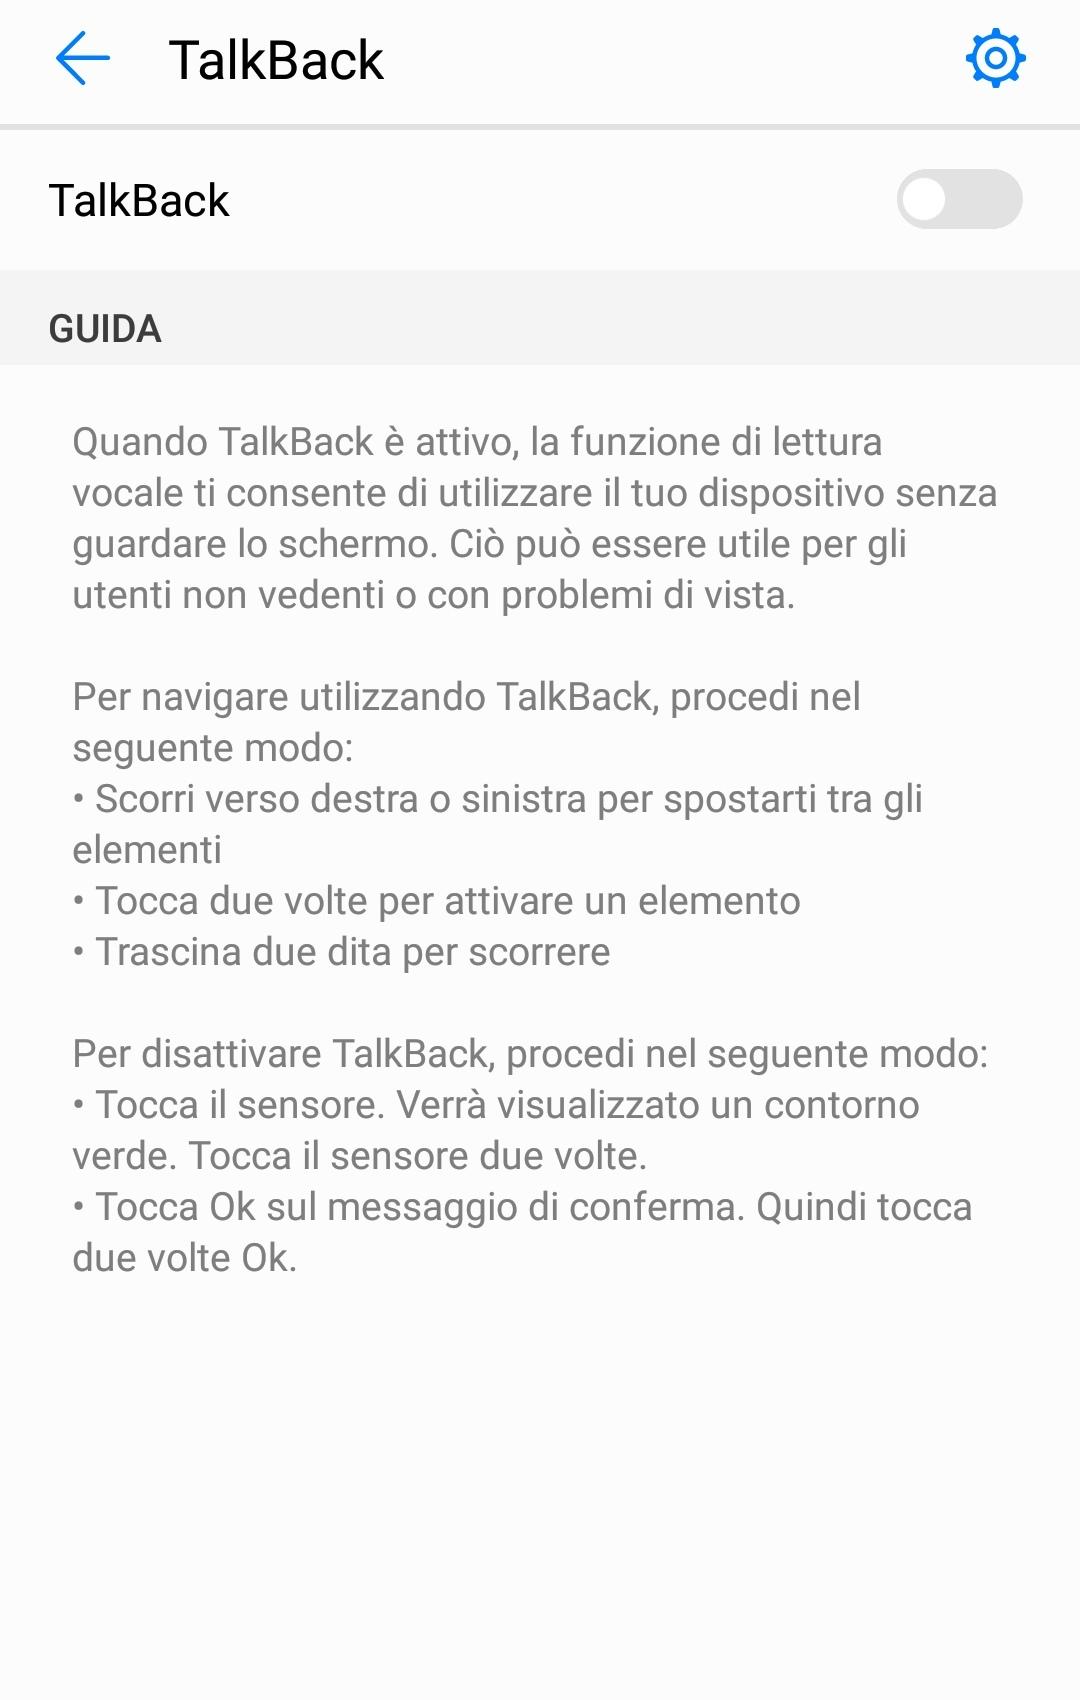 Disattivare TalkBack